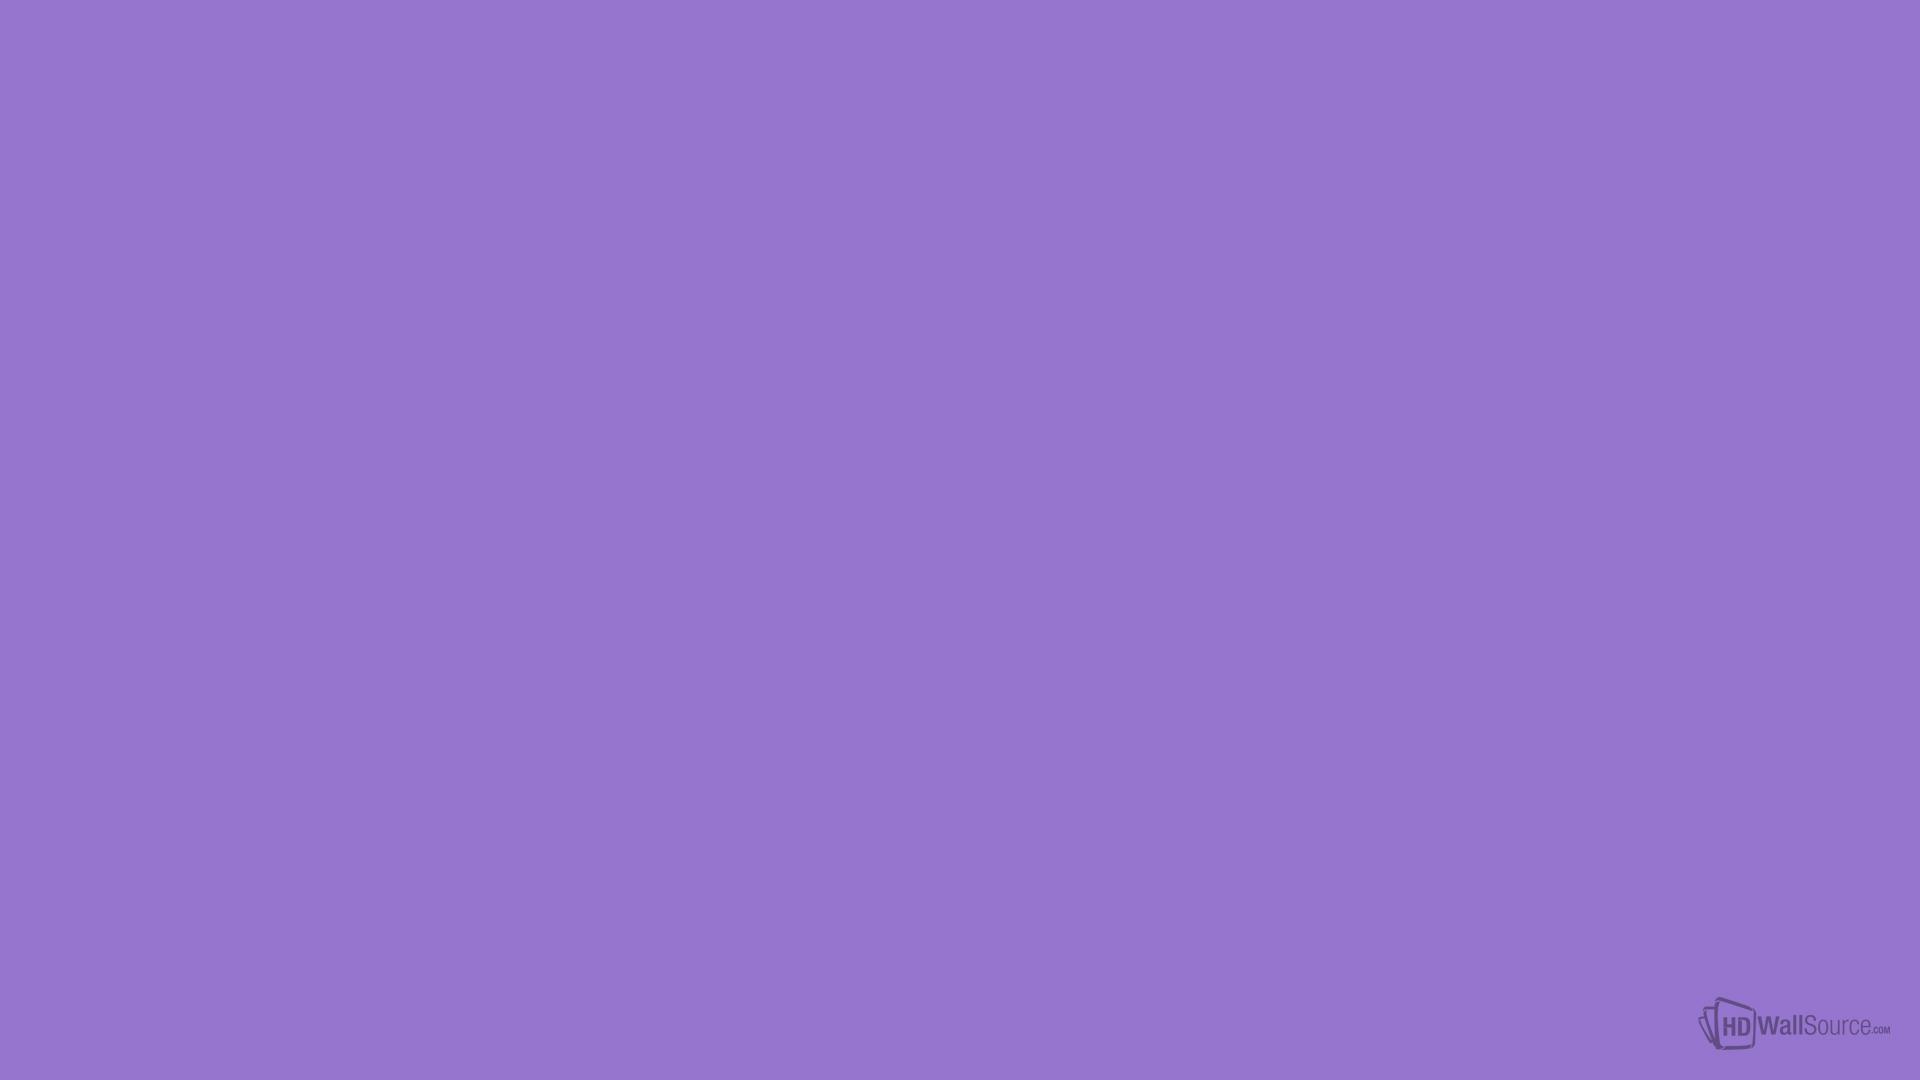 9575cd wallpaper 70633